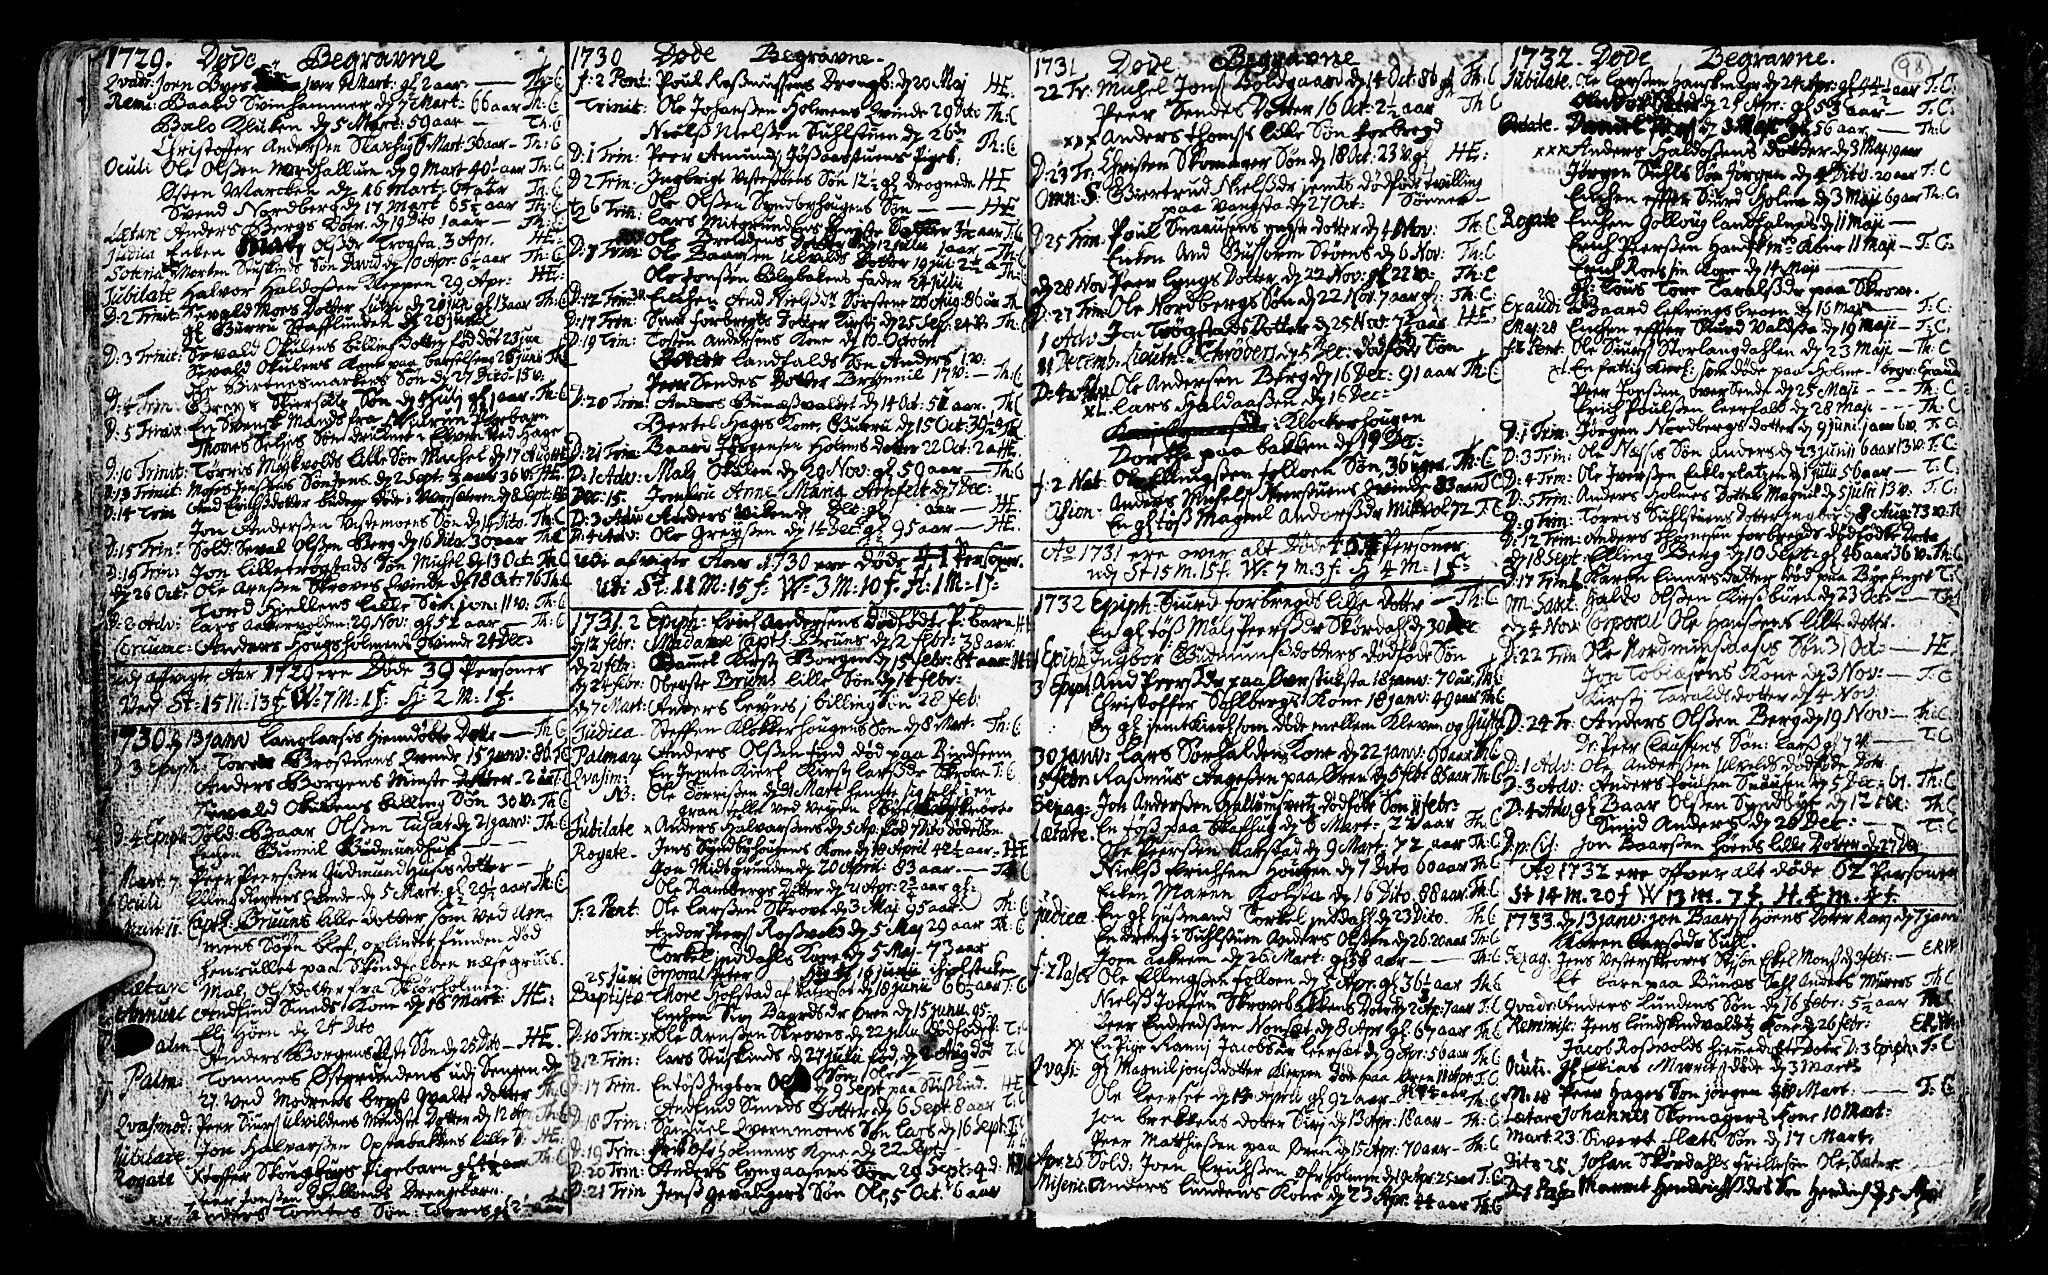 SAT, Ministerialprotokoller, klokkerbøker og fødselsregistre - Nord-Trøndelag, 723/L0230: Ministerialbok nr. 723A01, 1705-1747, s. 98